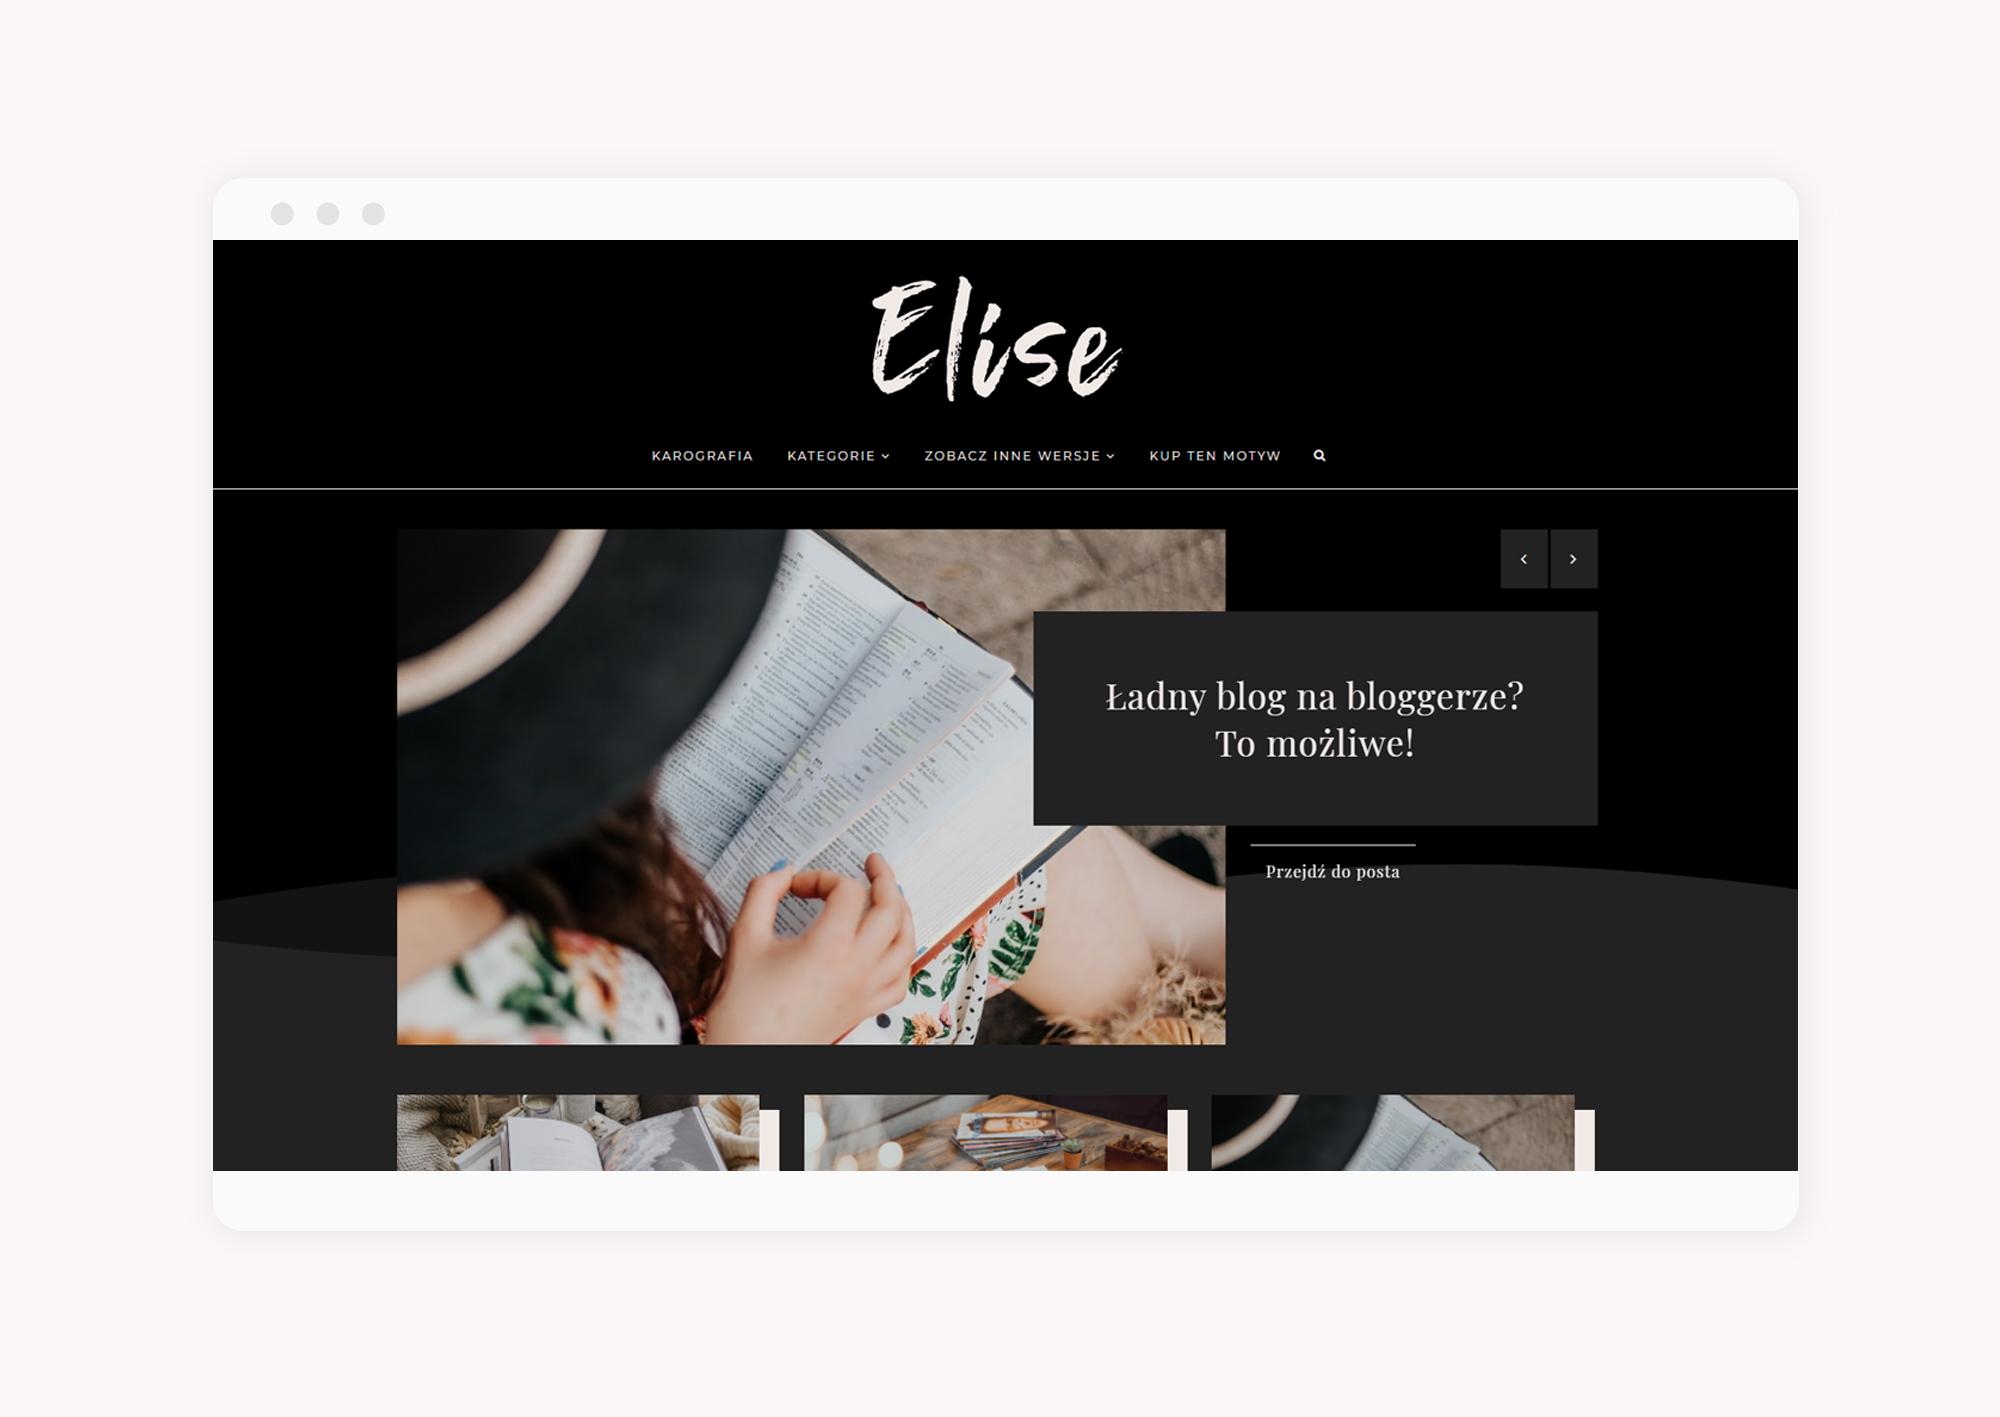 multi motyw na bloggera Elise - slider